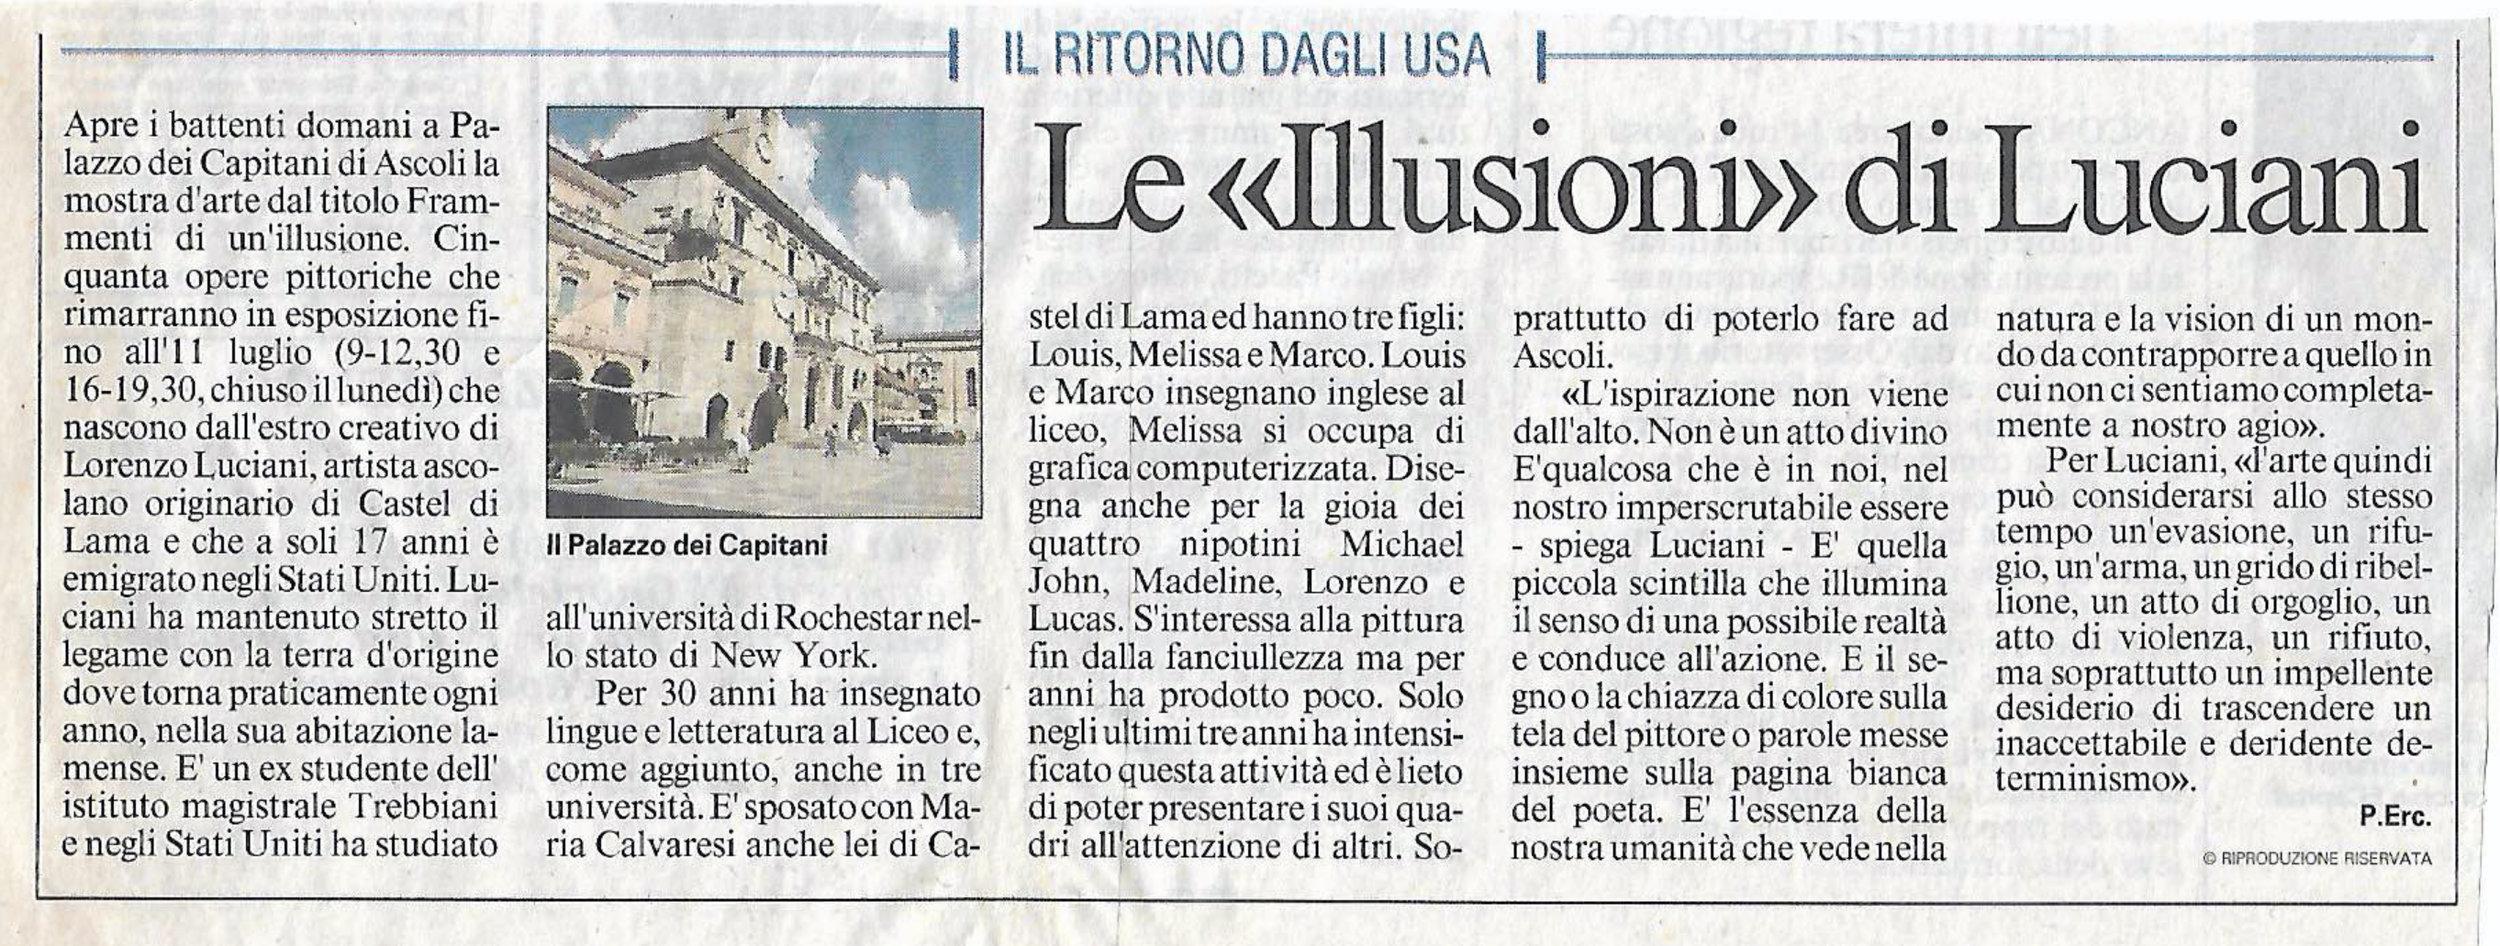 Le Illusioni di Lucia.jpg